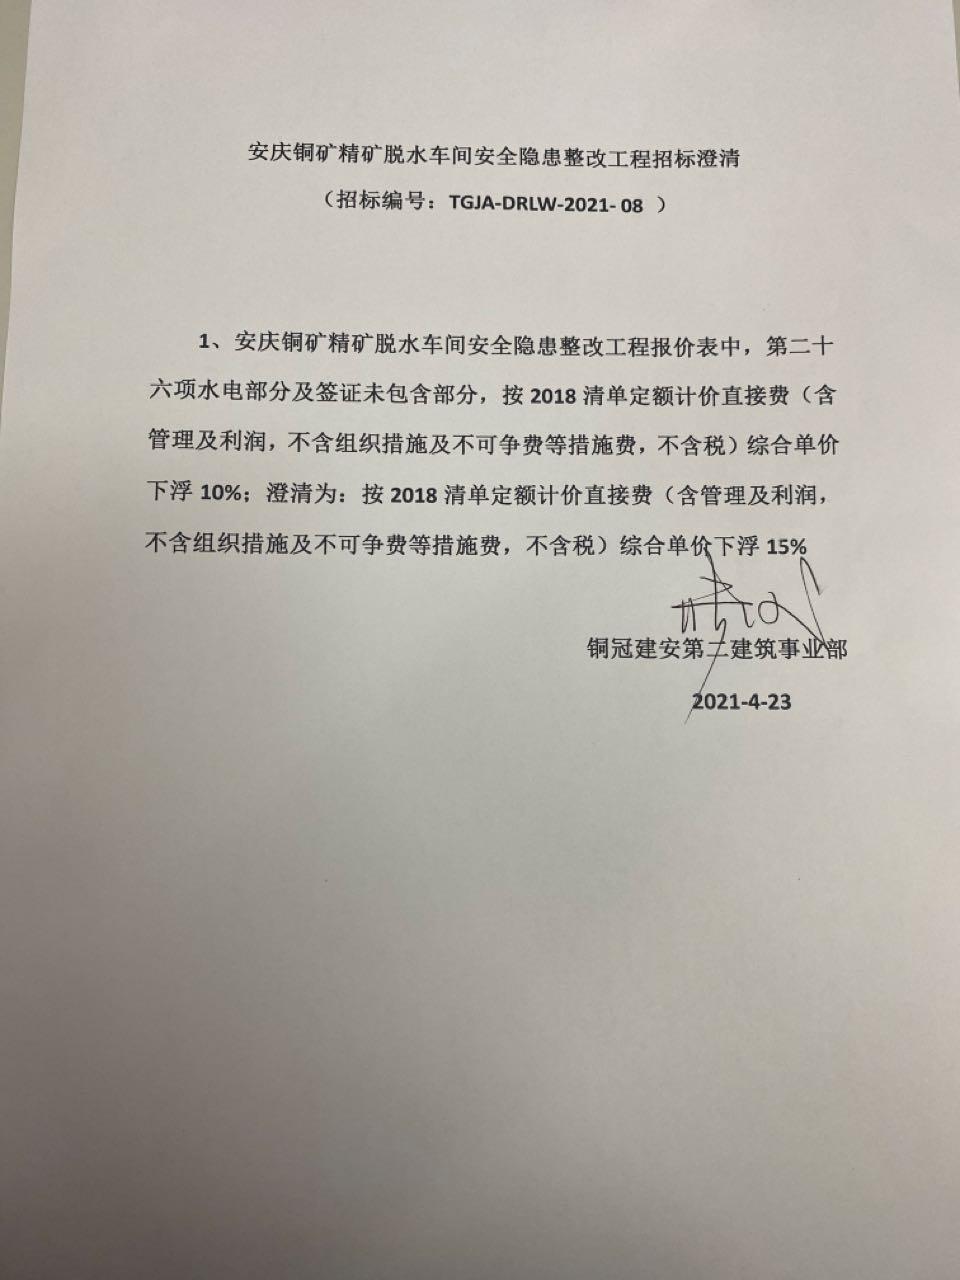 安庆铜矿精矿脱水车间安庆隐患整改工程澄清函